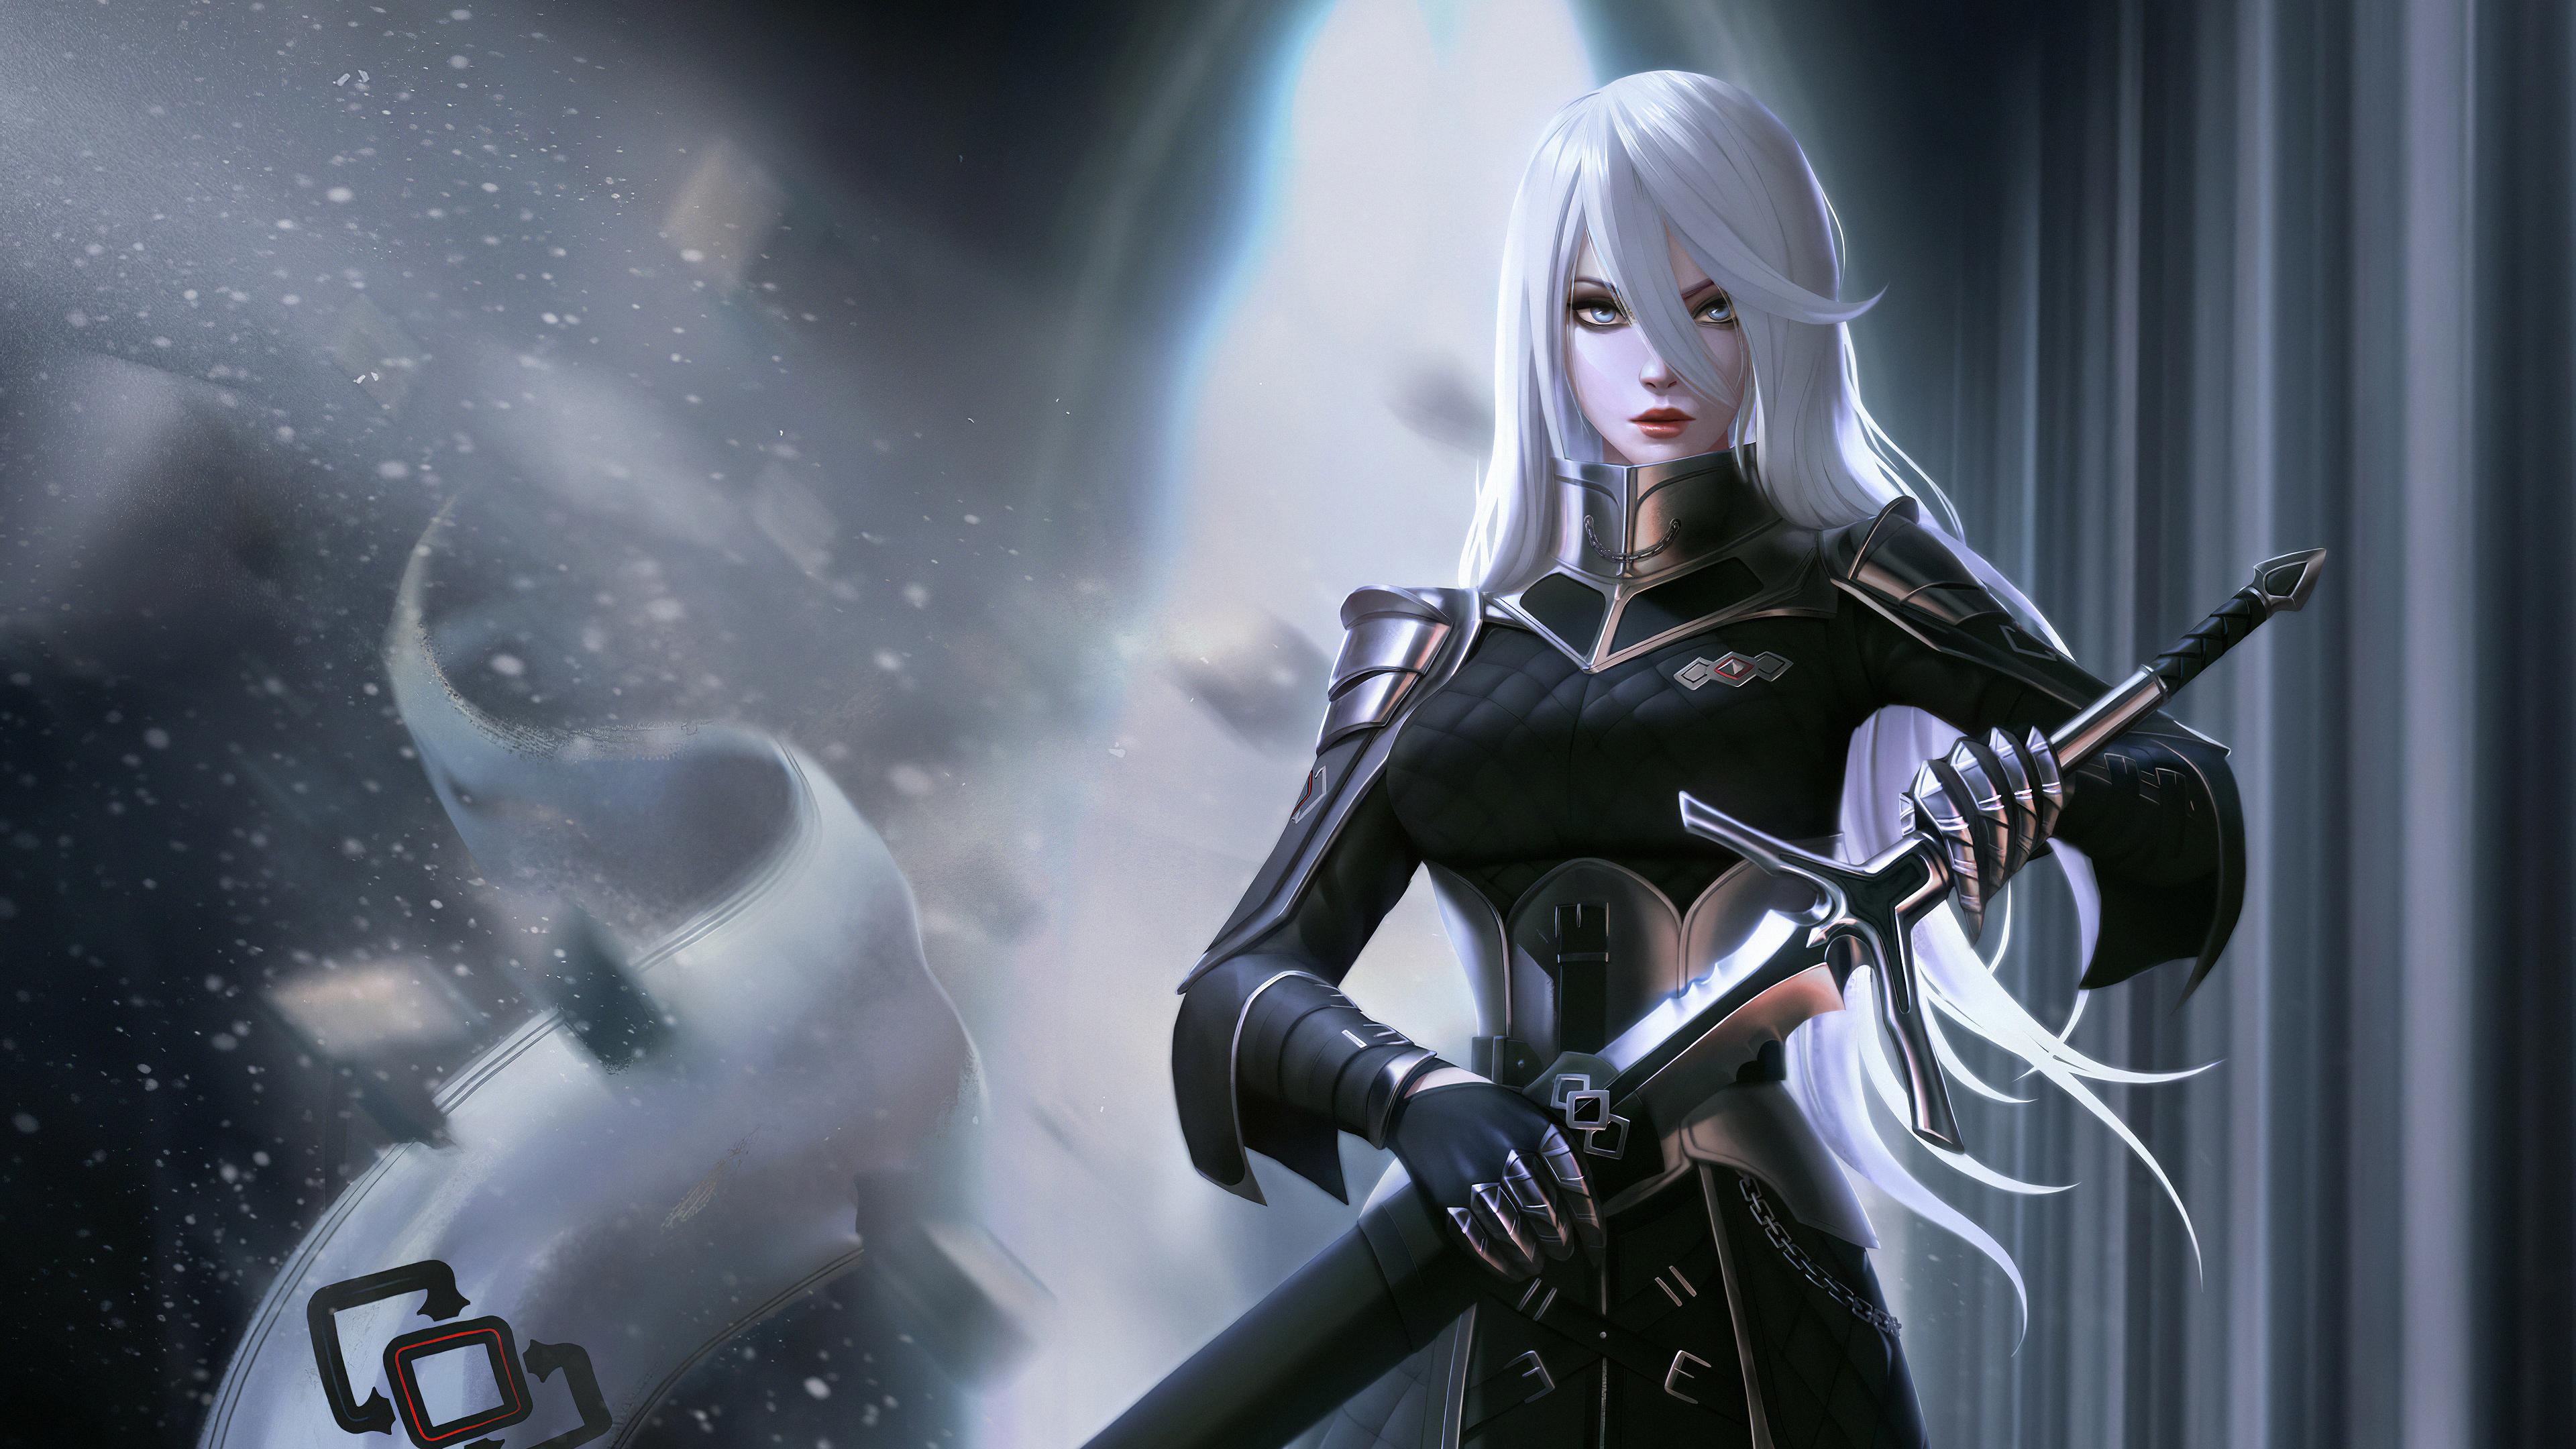 white hair black dress warrior 1575661745 - White Hair Black Dress Warrior -